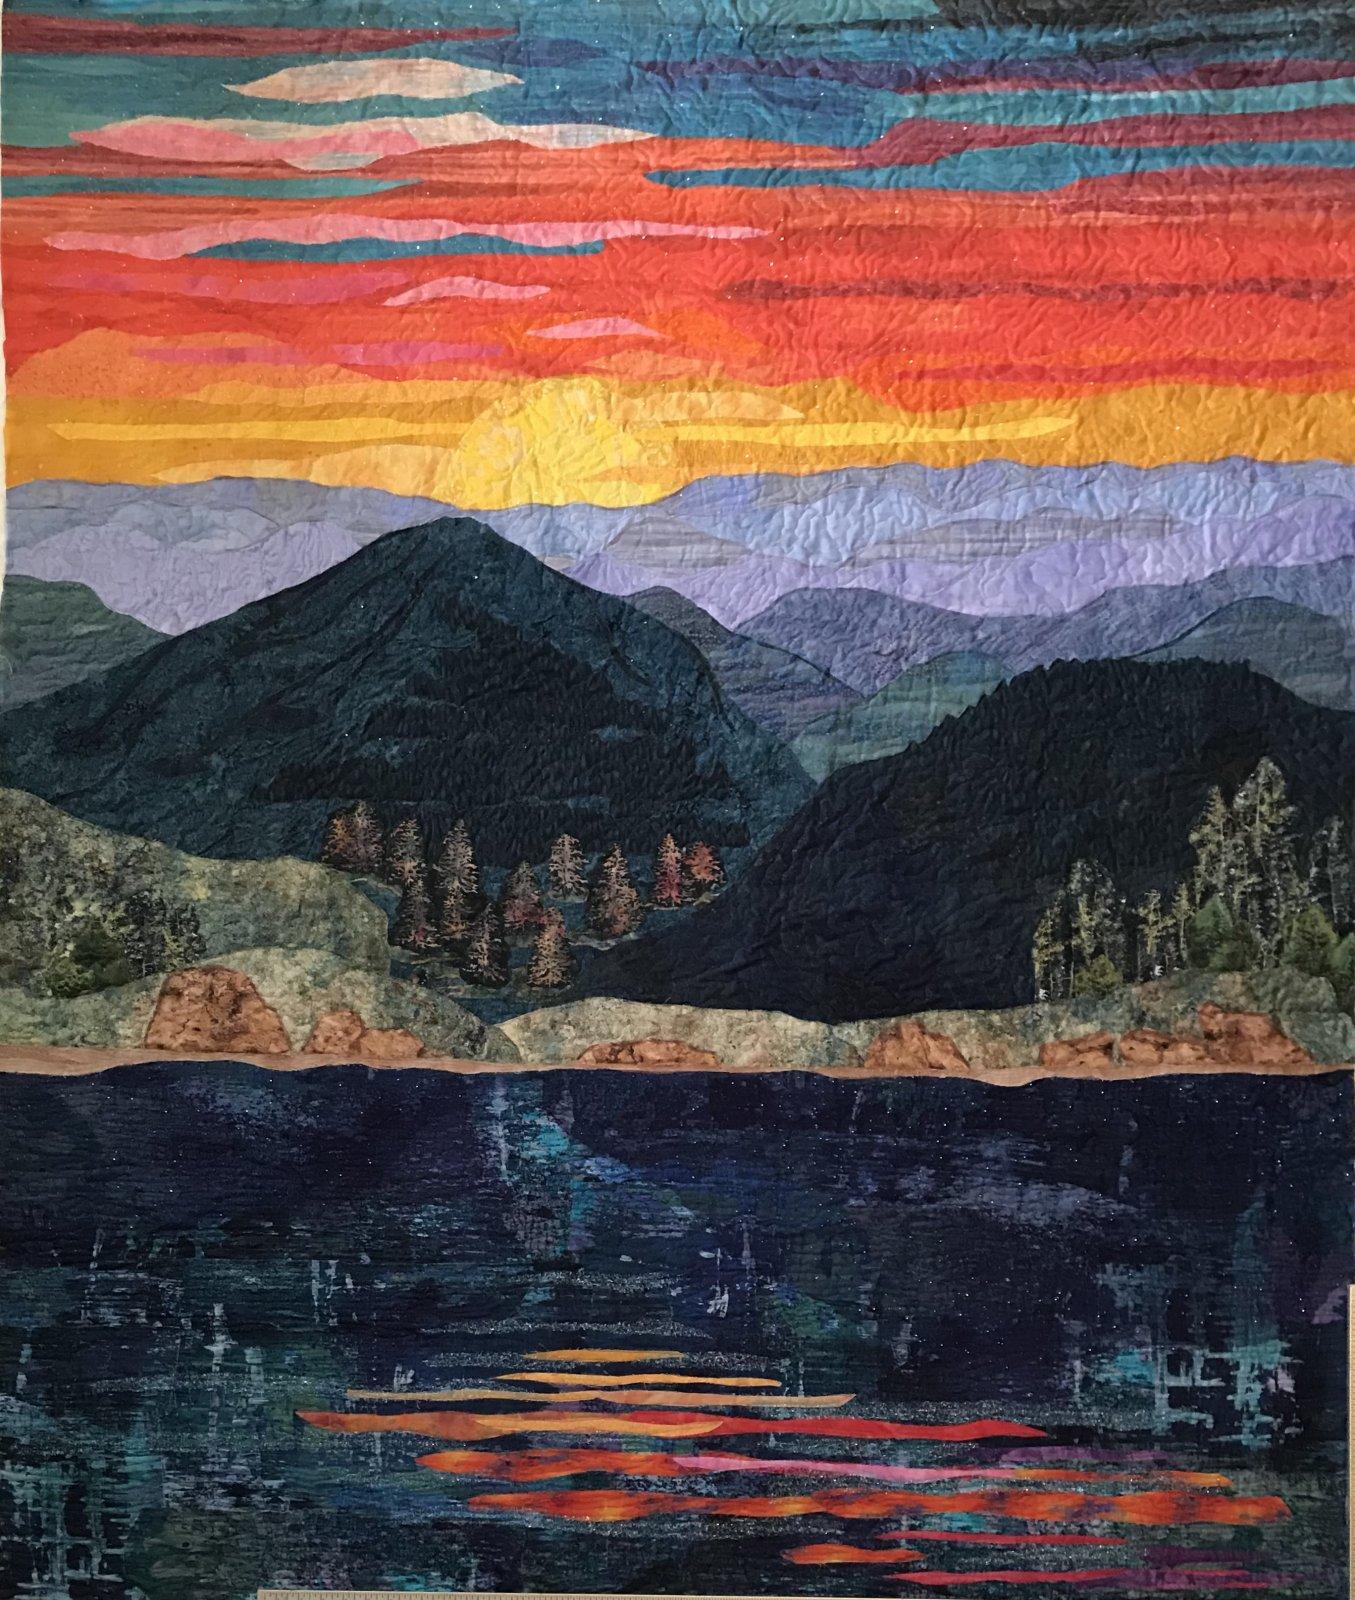 64. Mountain Sunset